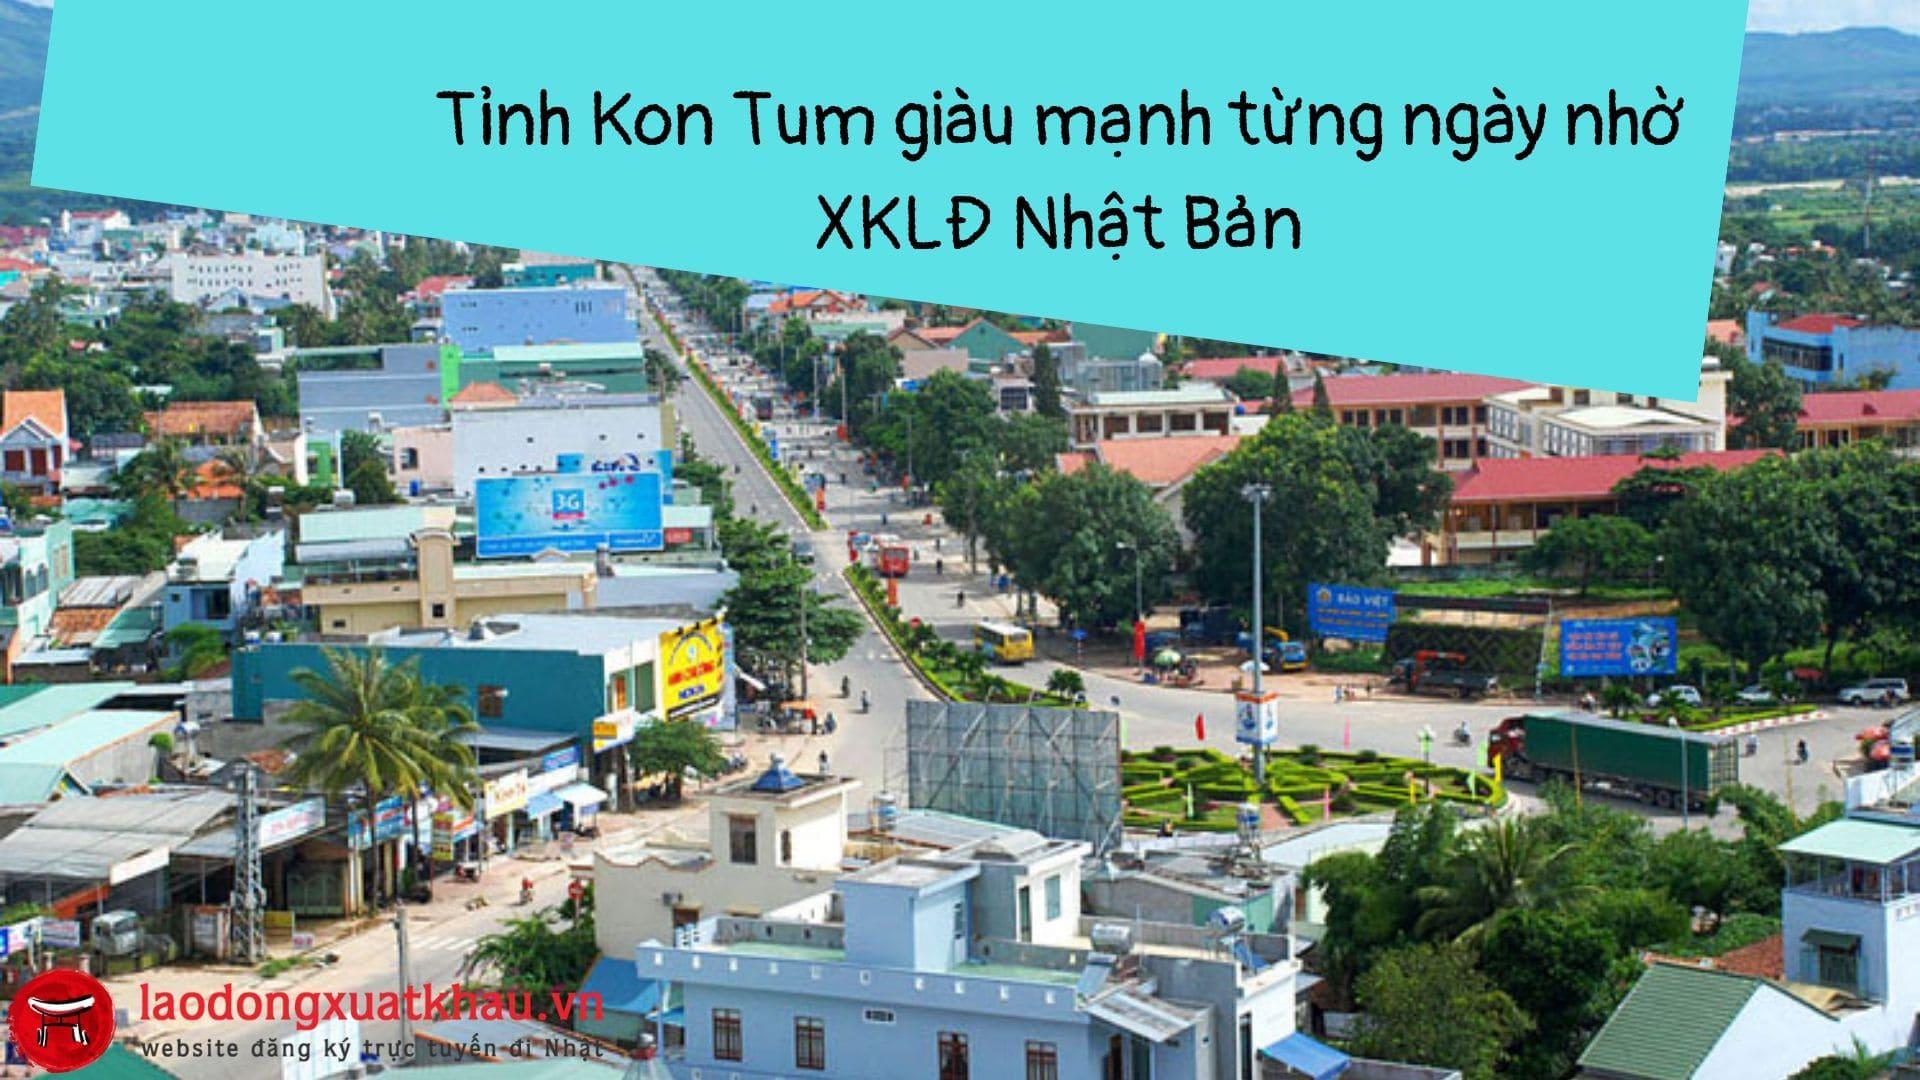 Làm thế nào để tìm được công ty xuất khẩu lao động Nhật Bản tại Kon Tum uy tín?